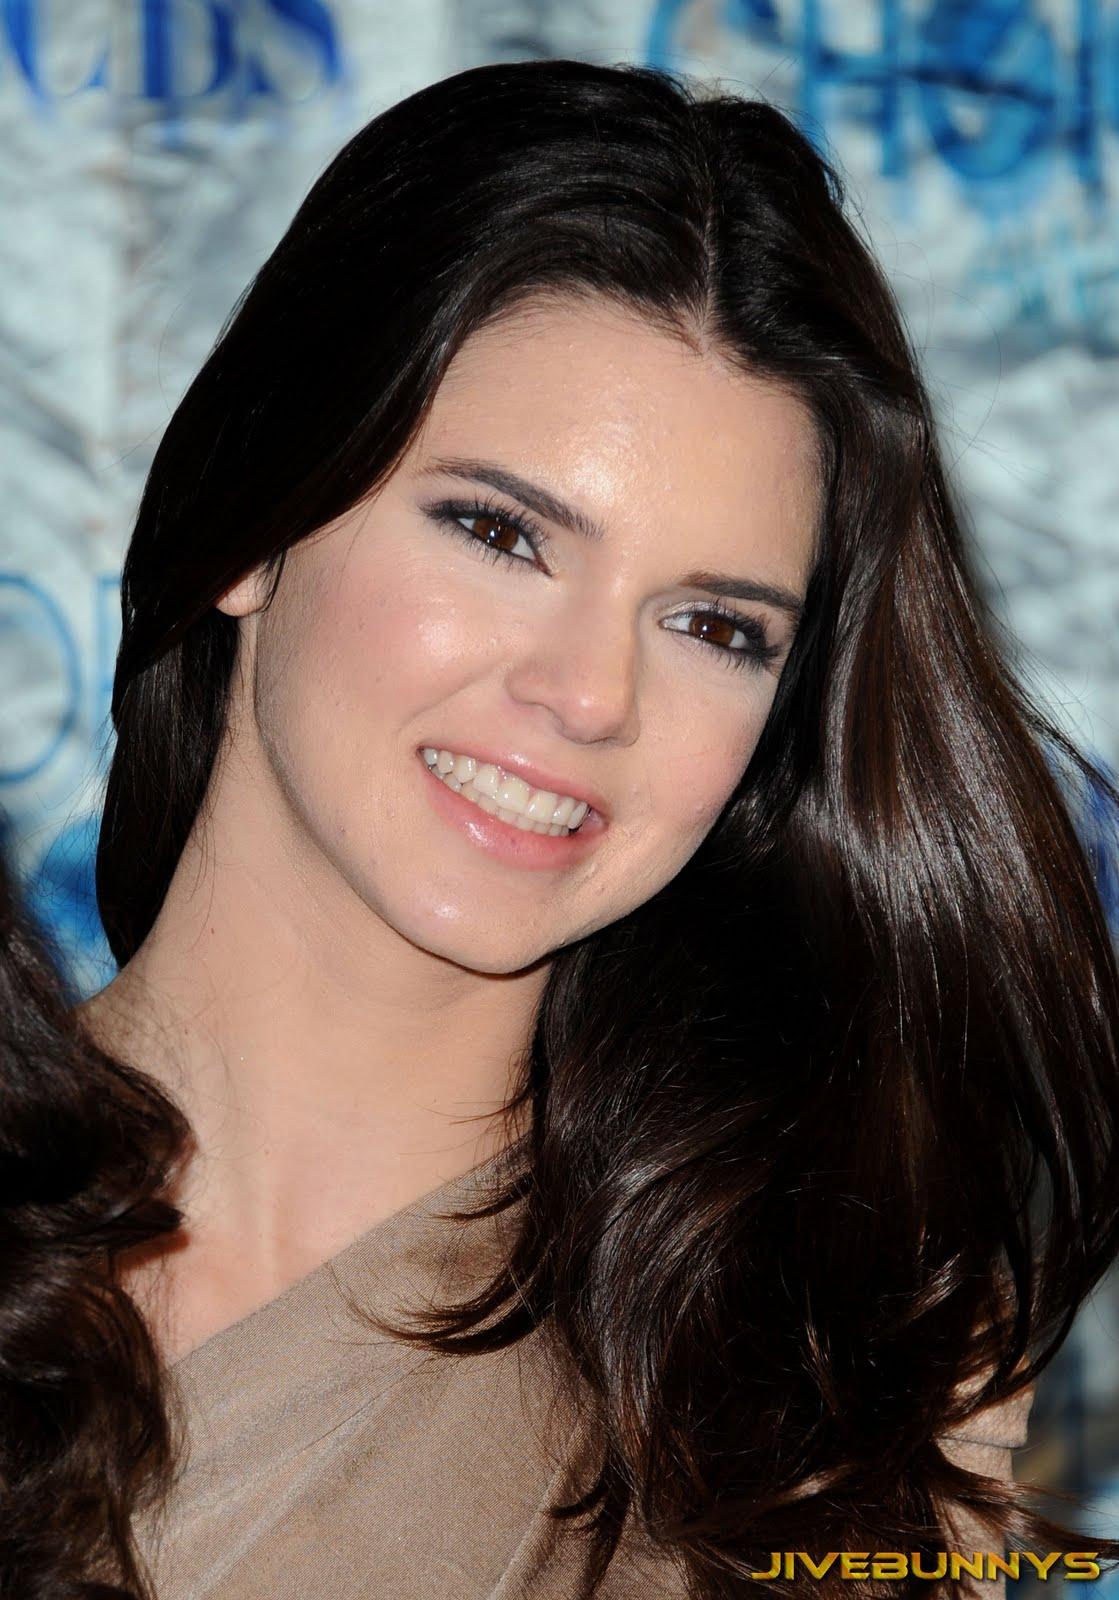 http://1.bp.blogspot.com/-Y_778o8OQGM/TgYIfoynJeI/AAAAAAAADp0/ohkylN_lNnA/s1600/Kendall+Jenner+2011+9000012.jpg